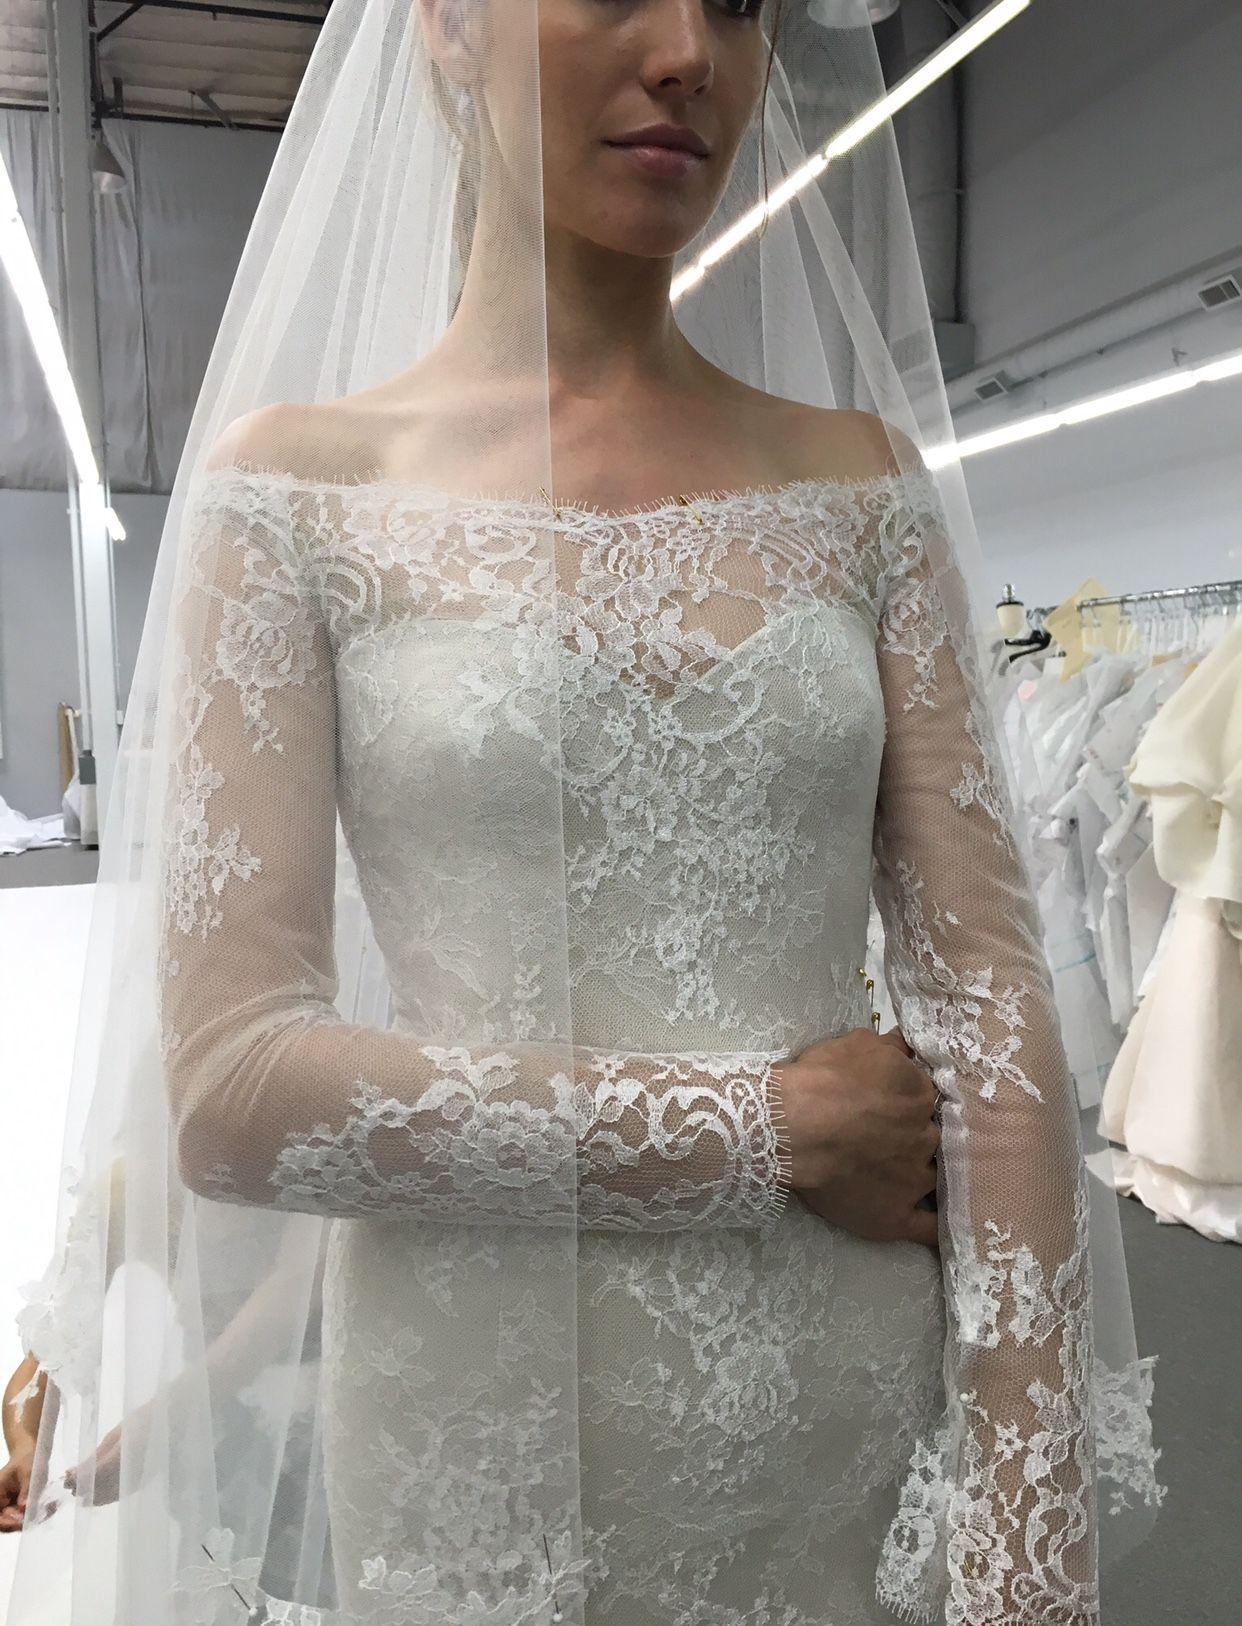 Fifty Shades Freed Wedding Dress Revealed 50 Shades